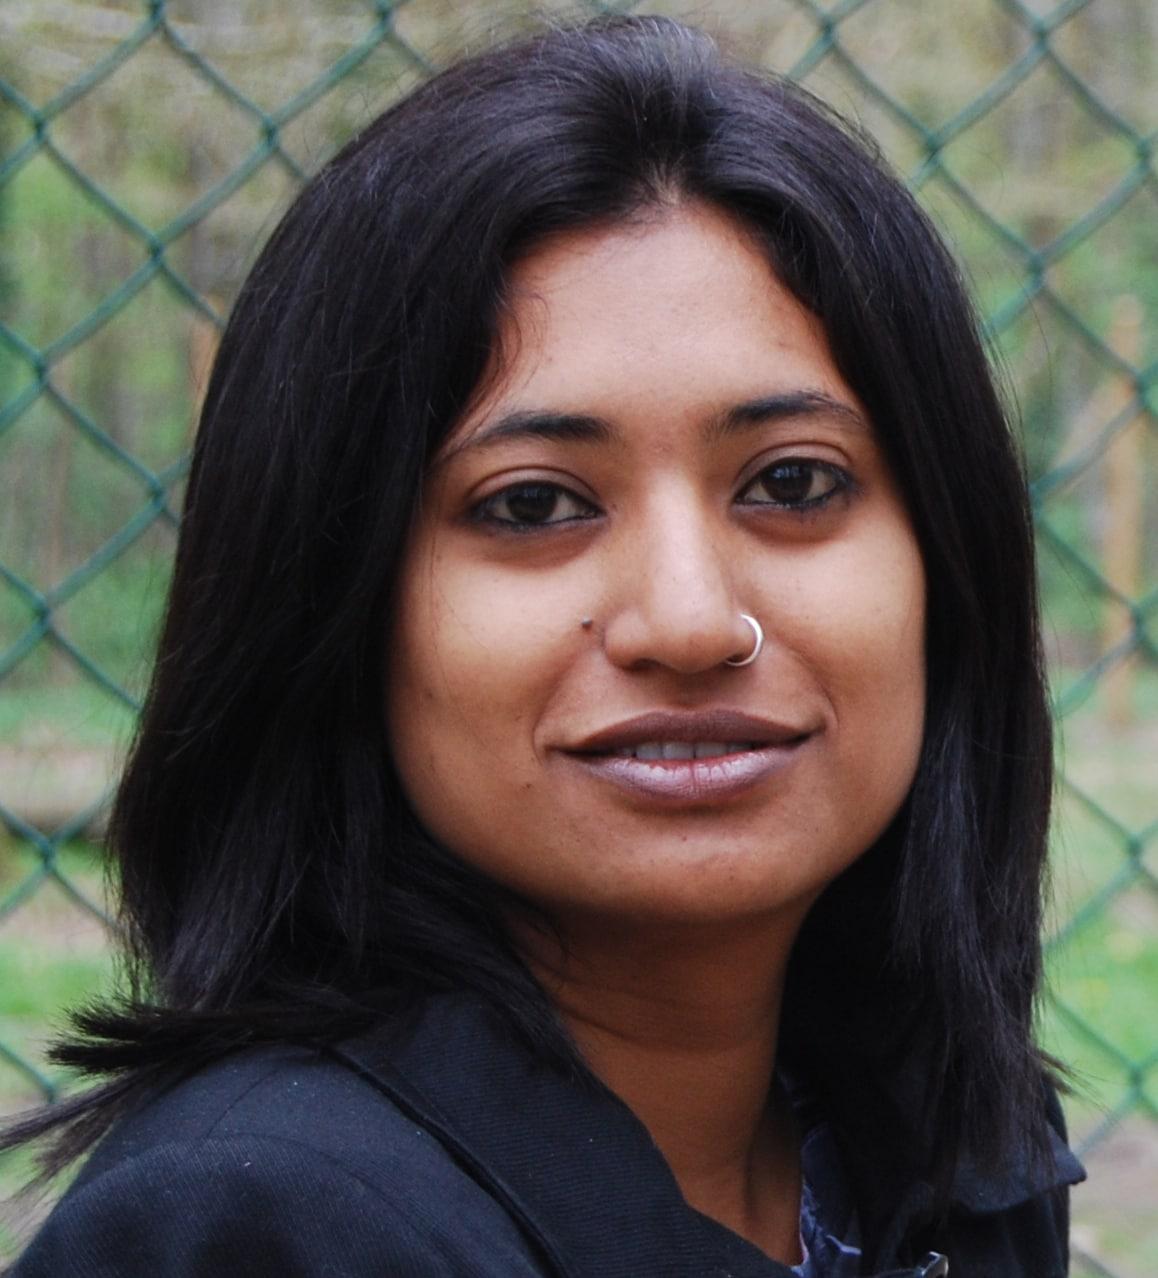 Deviba From India